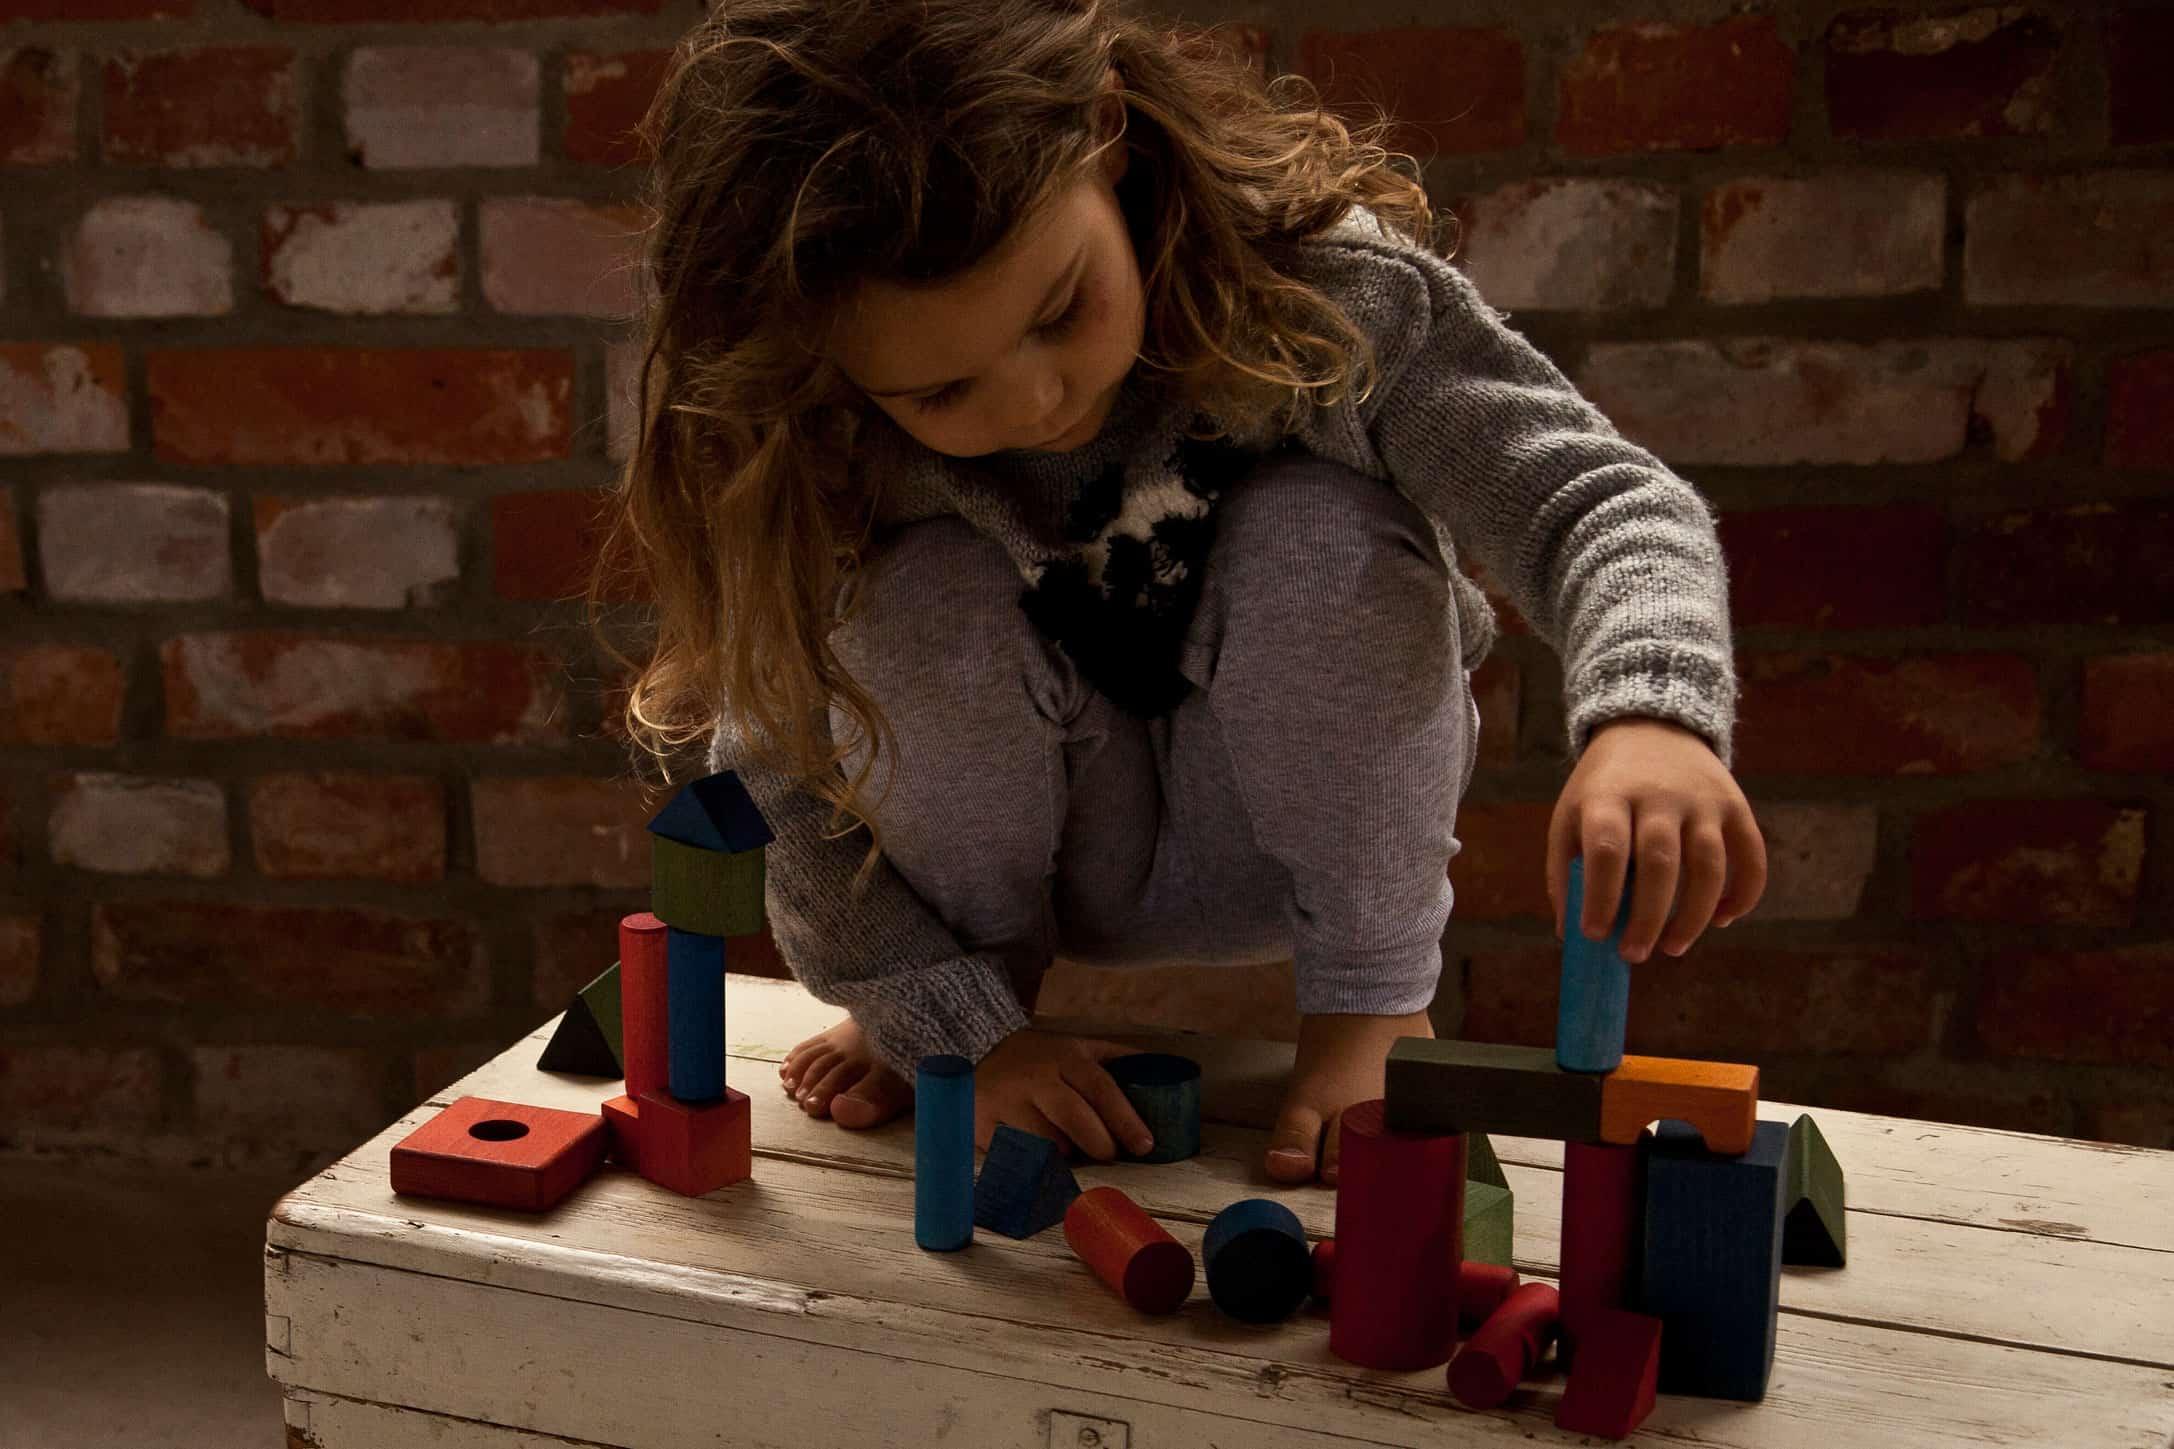 Juego de bloques de colores